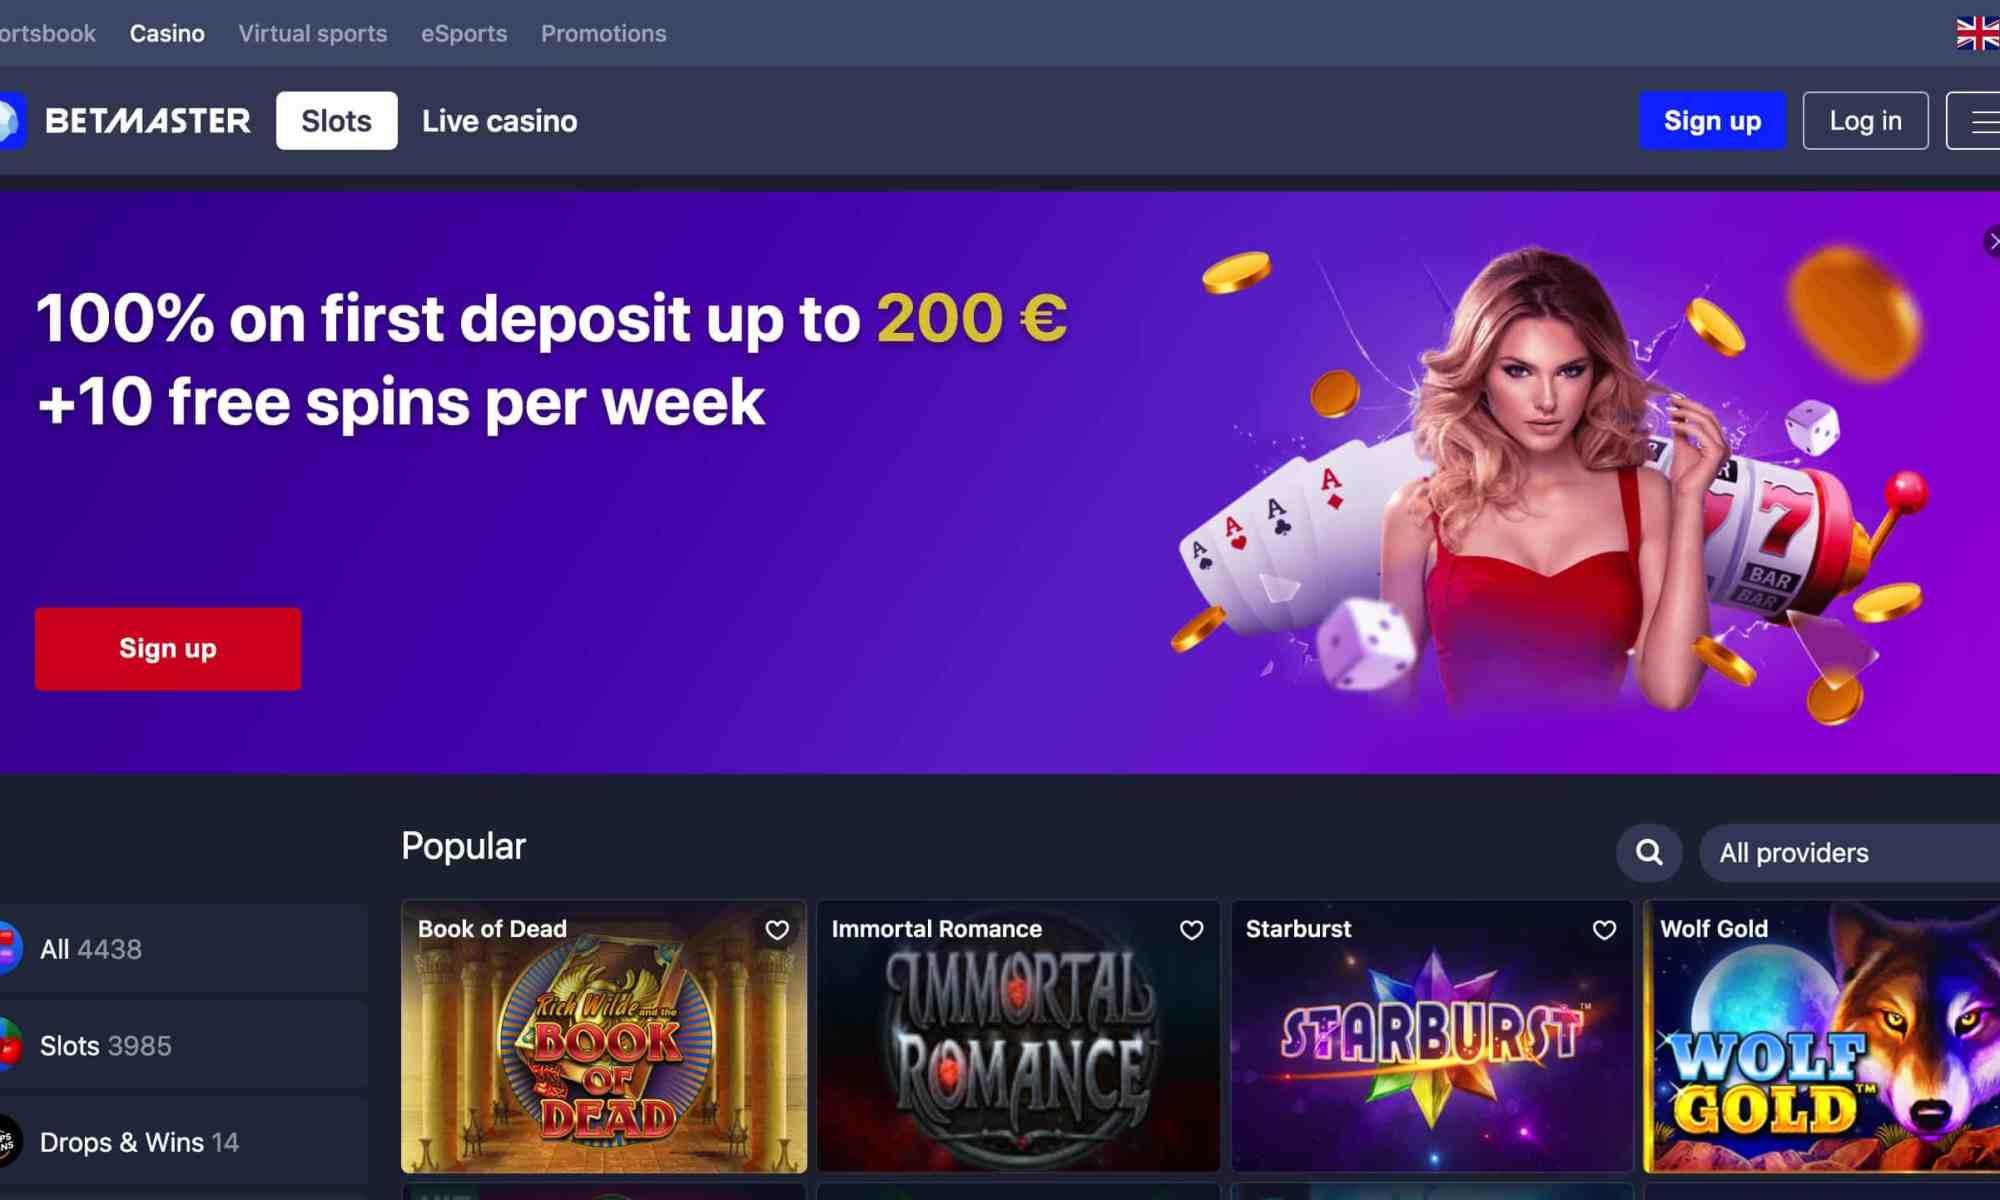 BetMaster Casino - Get 100% deposit bonus + 10 spins per week